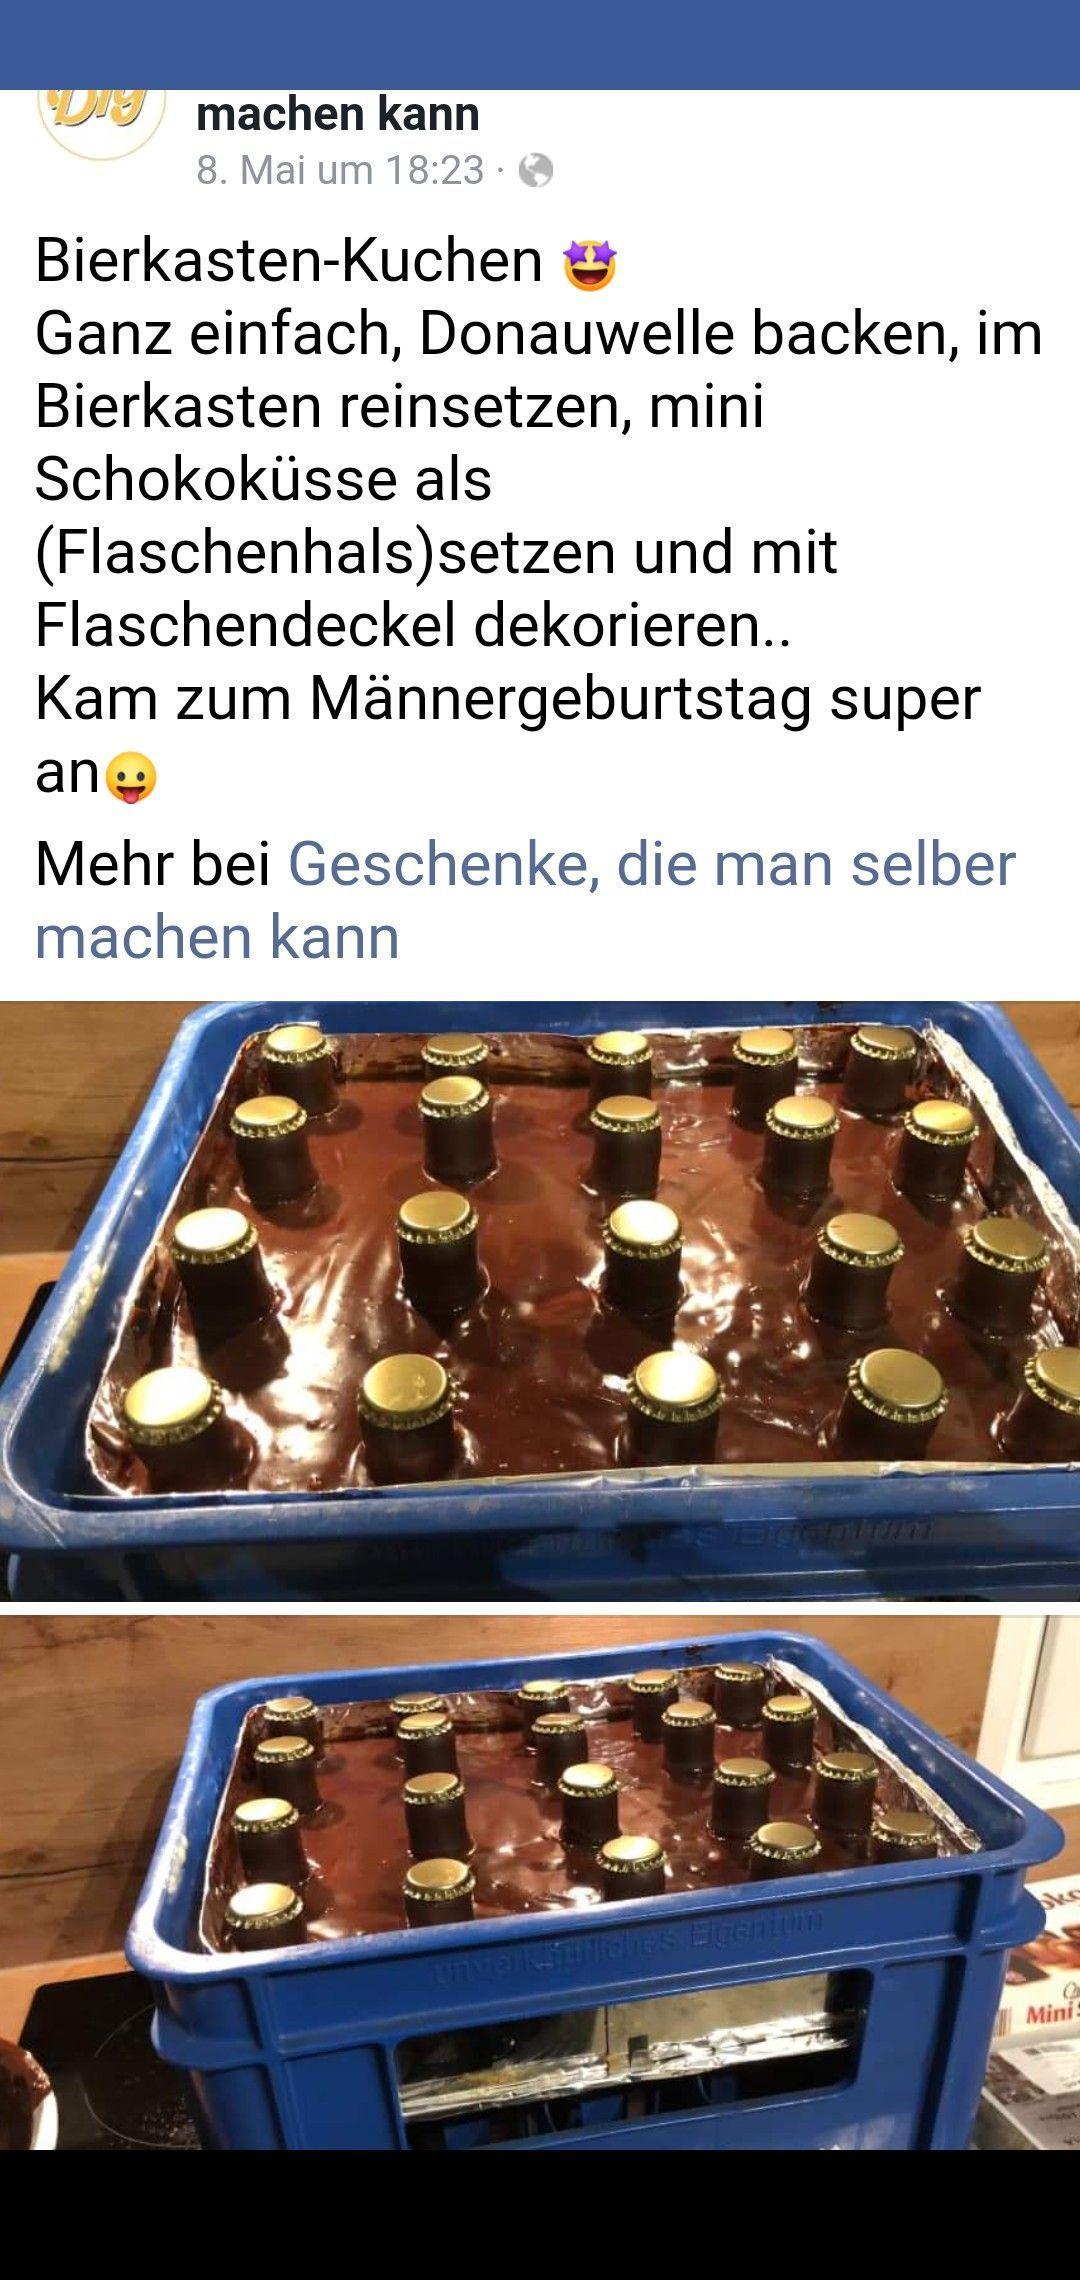 Bierkistenkuchen ��